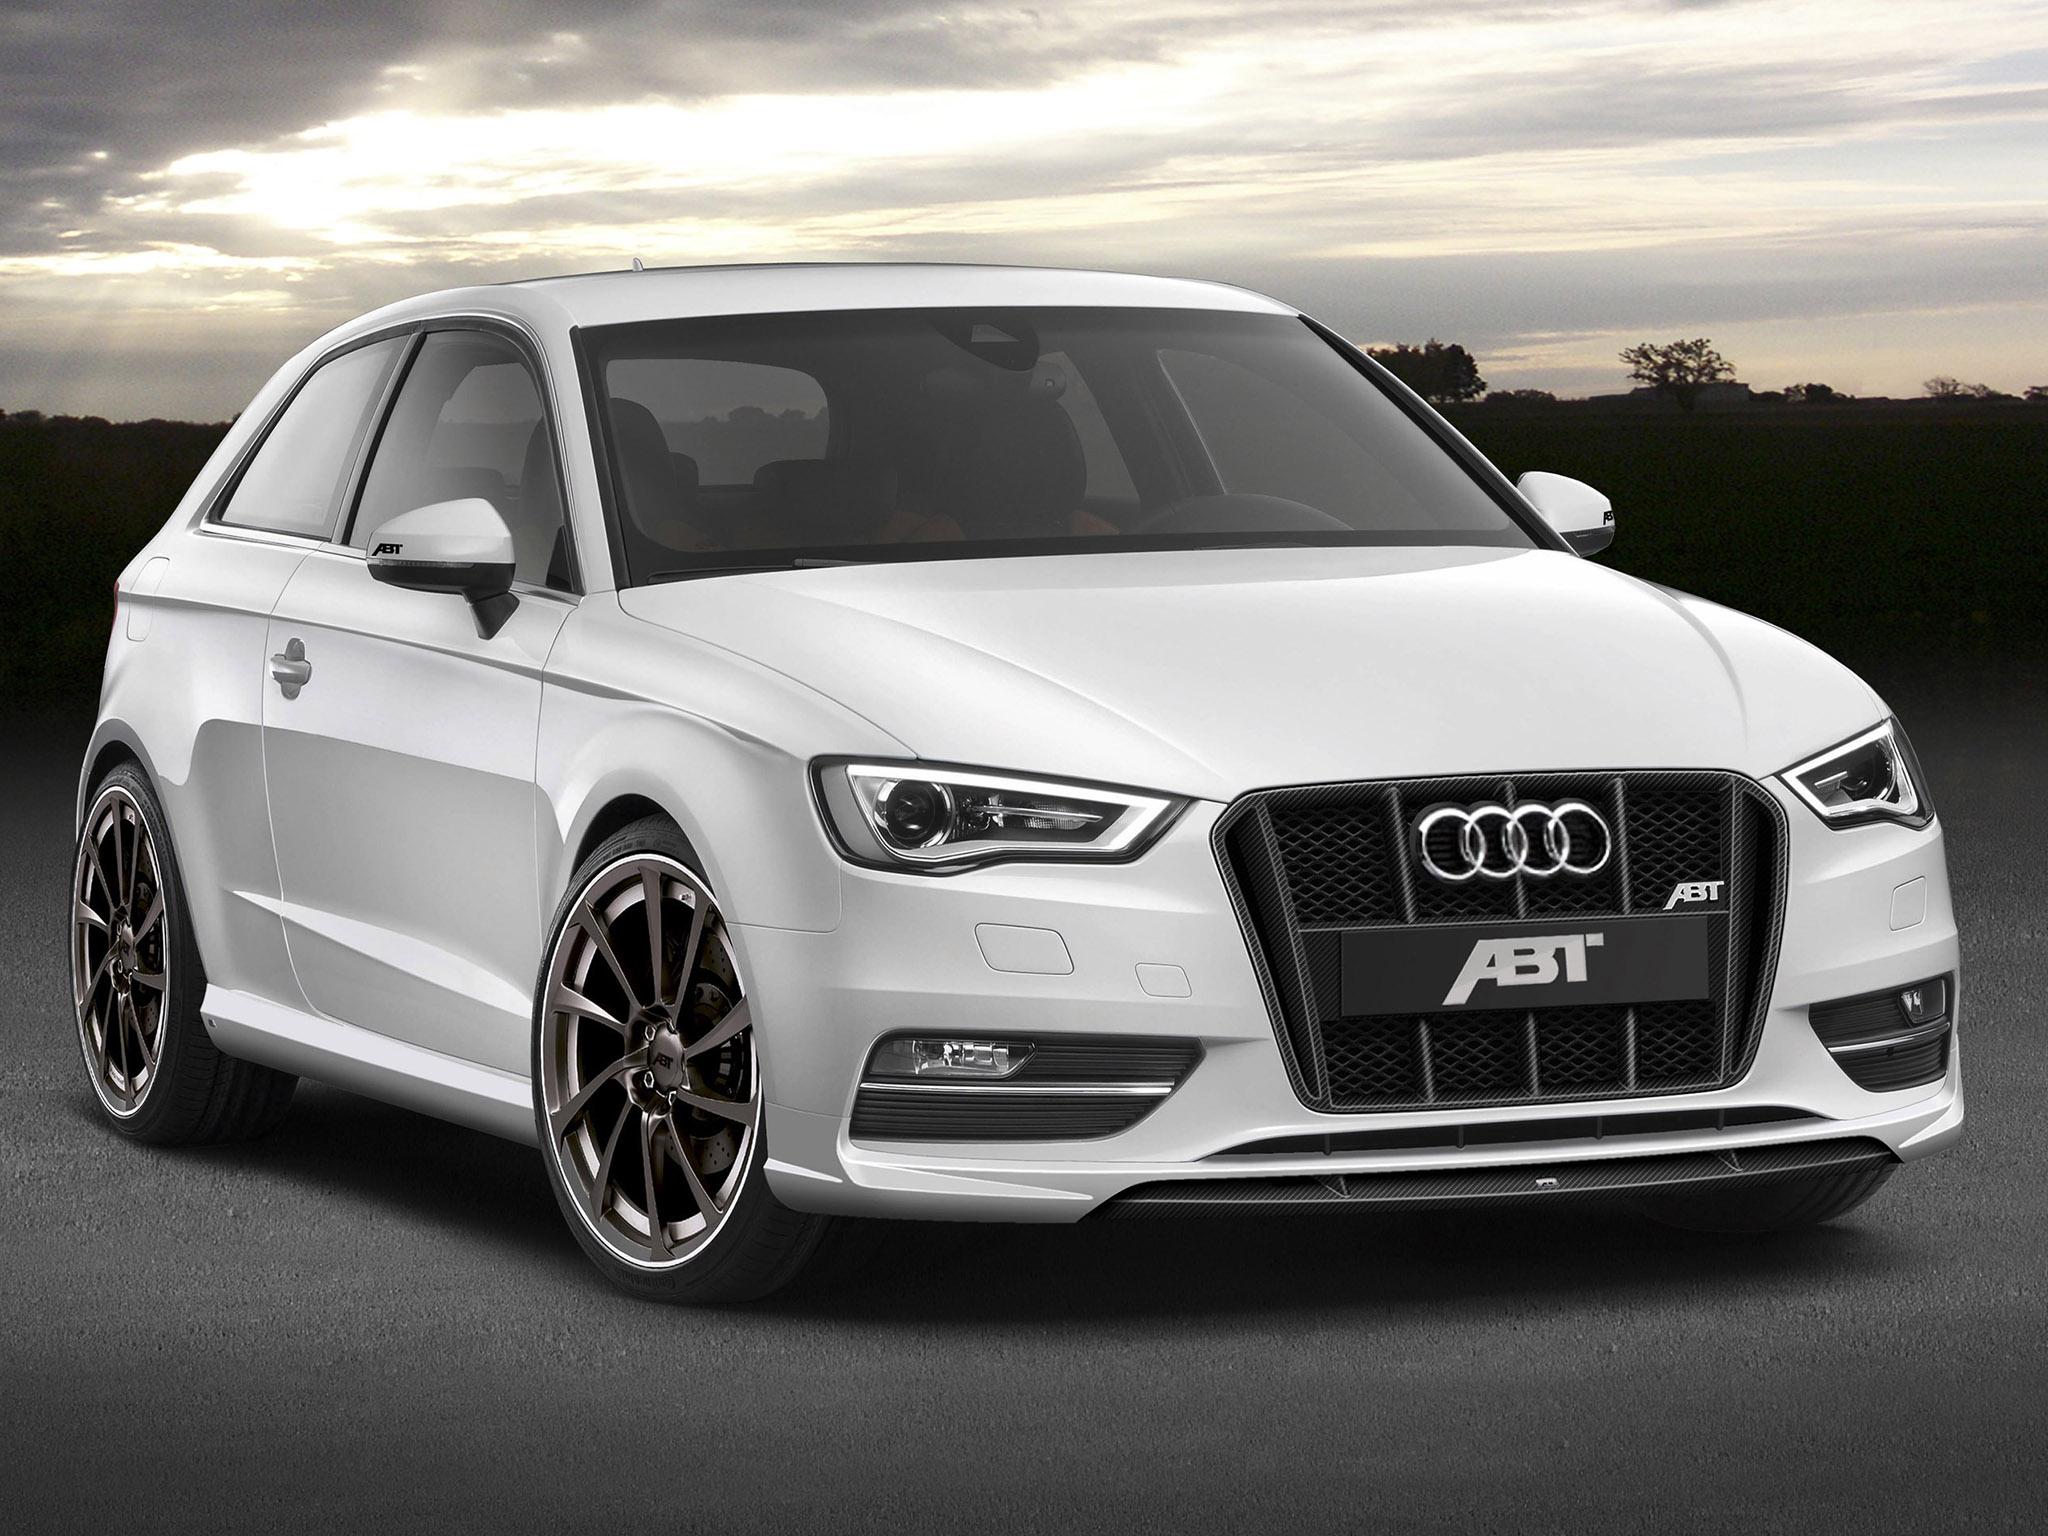 Audi A3 AS3 (2012) - ABT